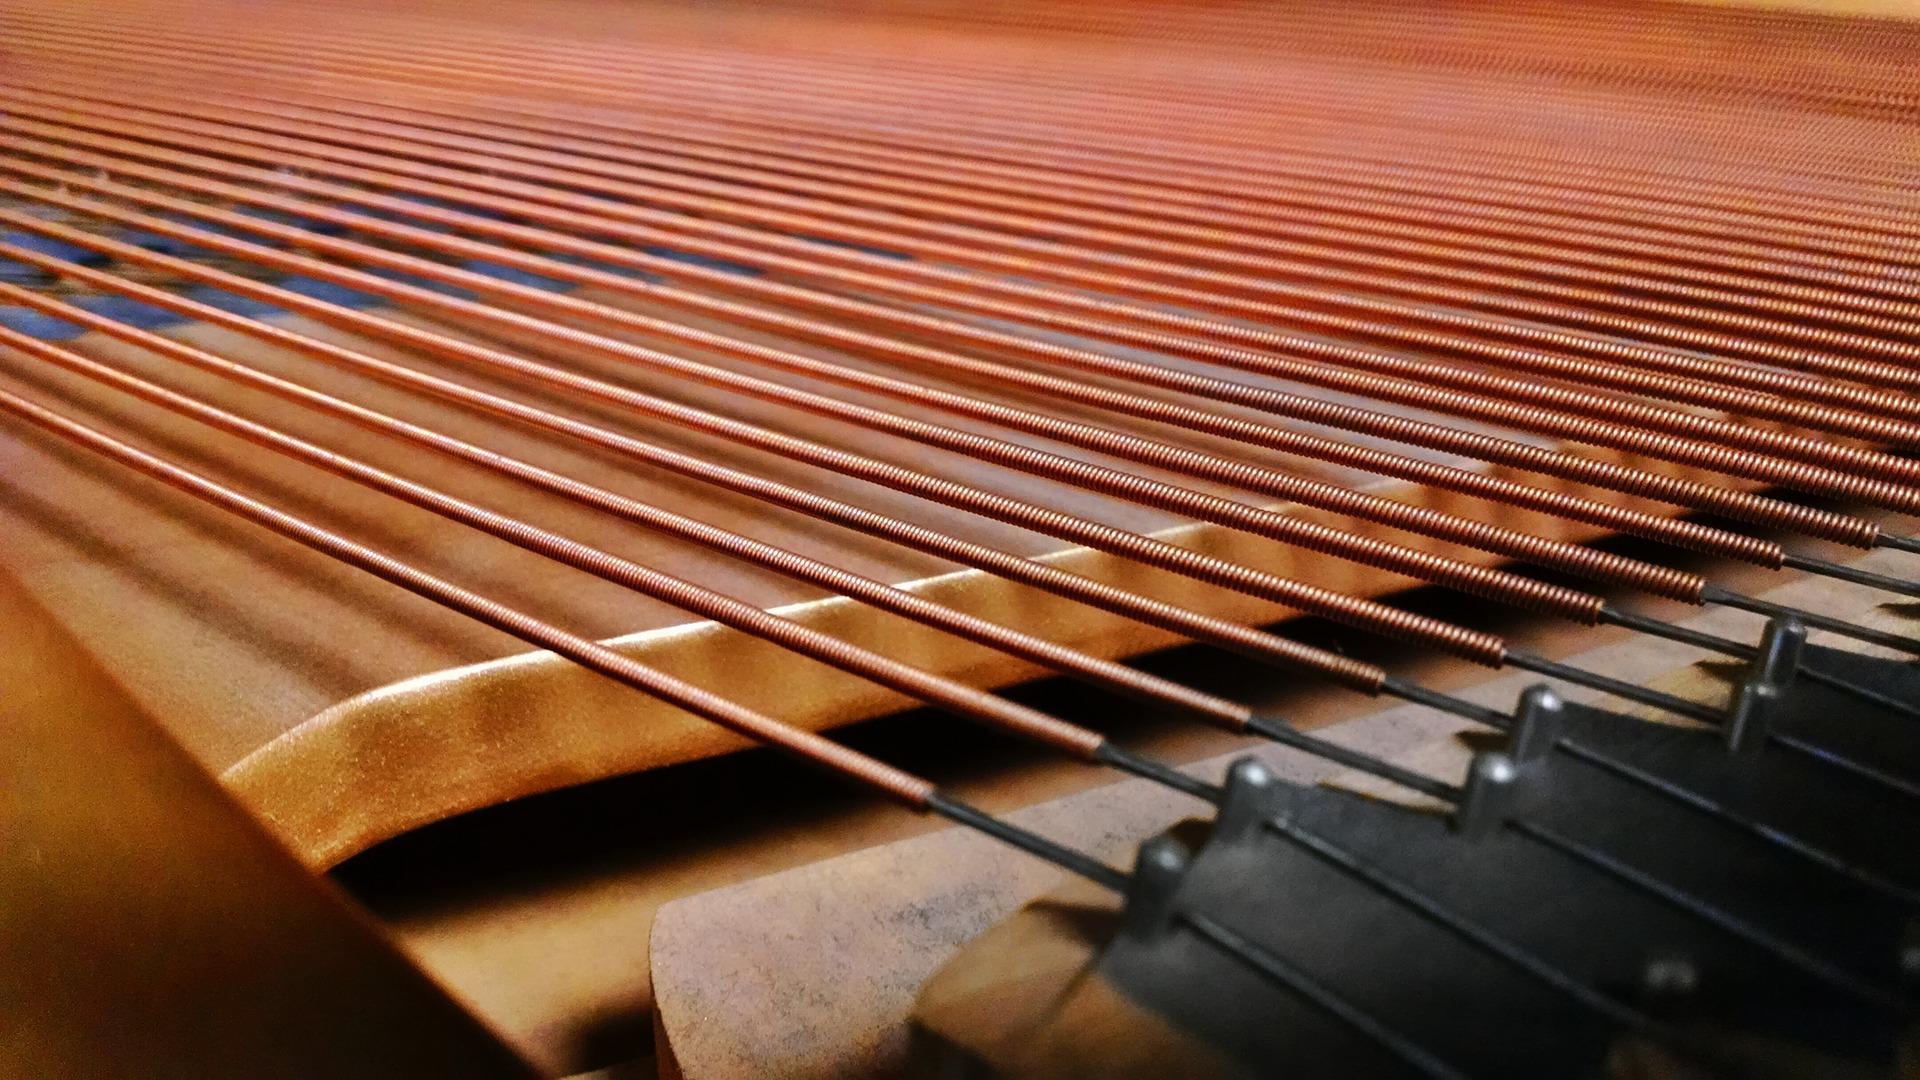 piano-915784_1920